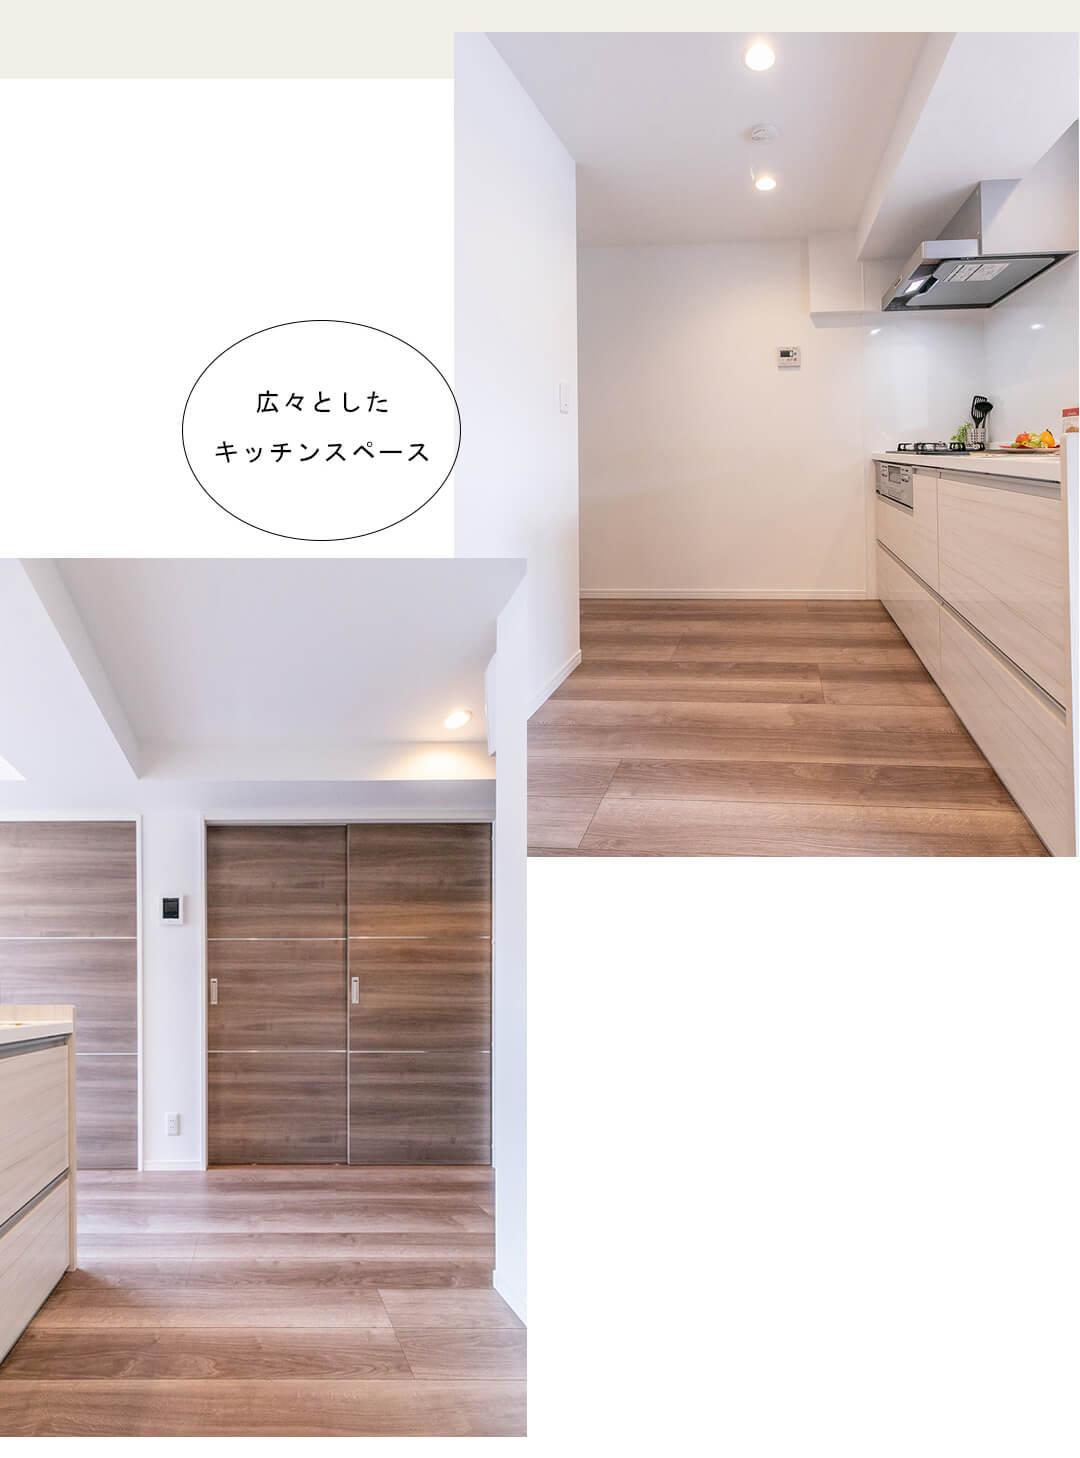 朝日プラザ新蒲田 415のキッチン